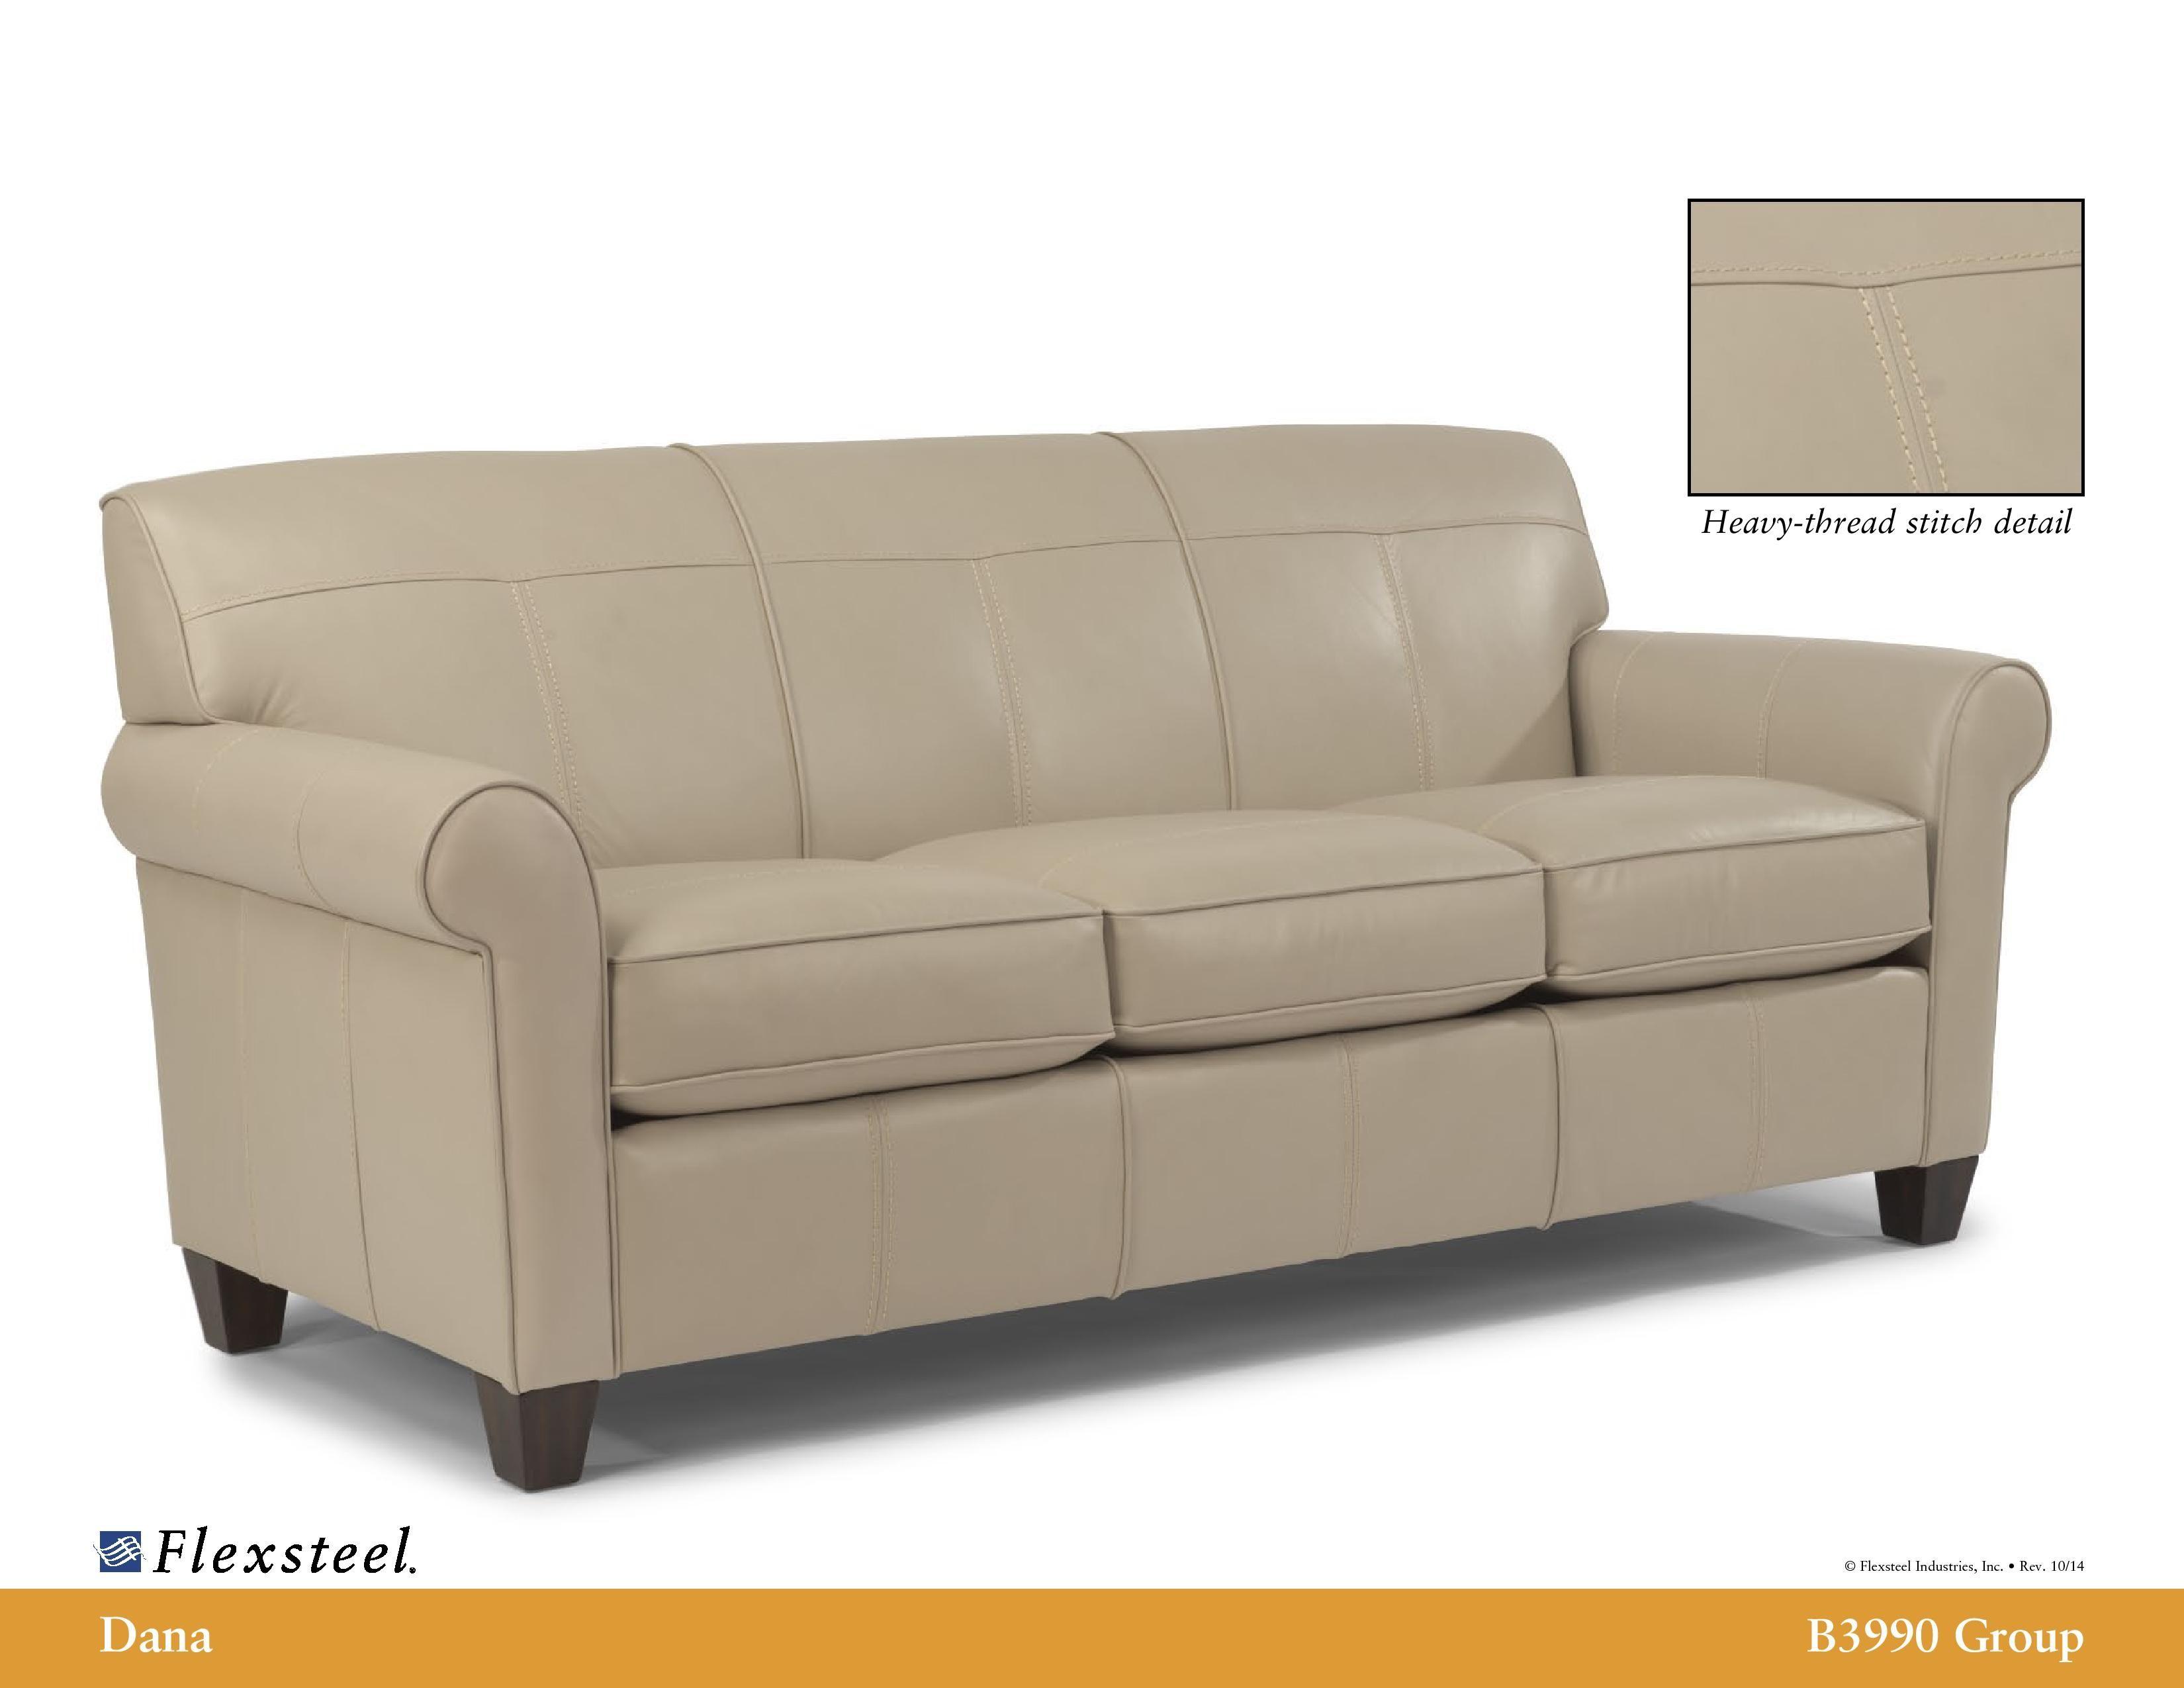 Flexsteel Sofa Bed Air Mattress